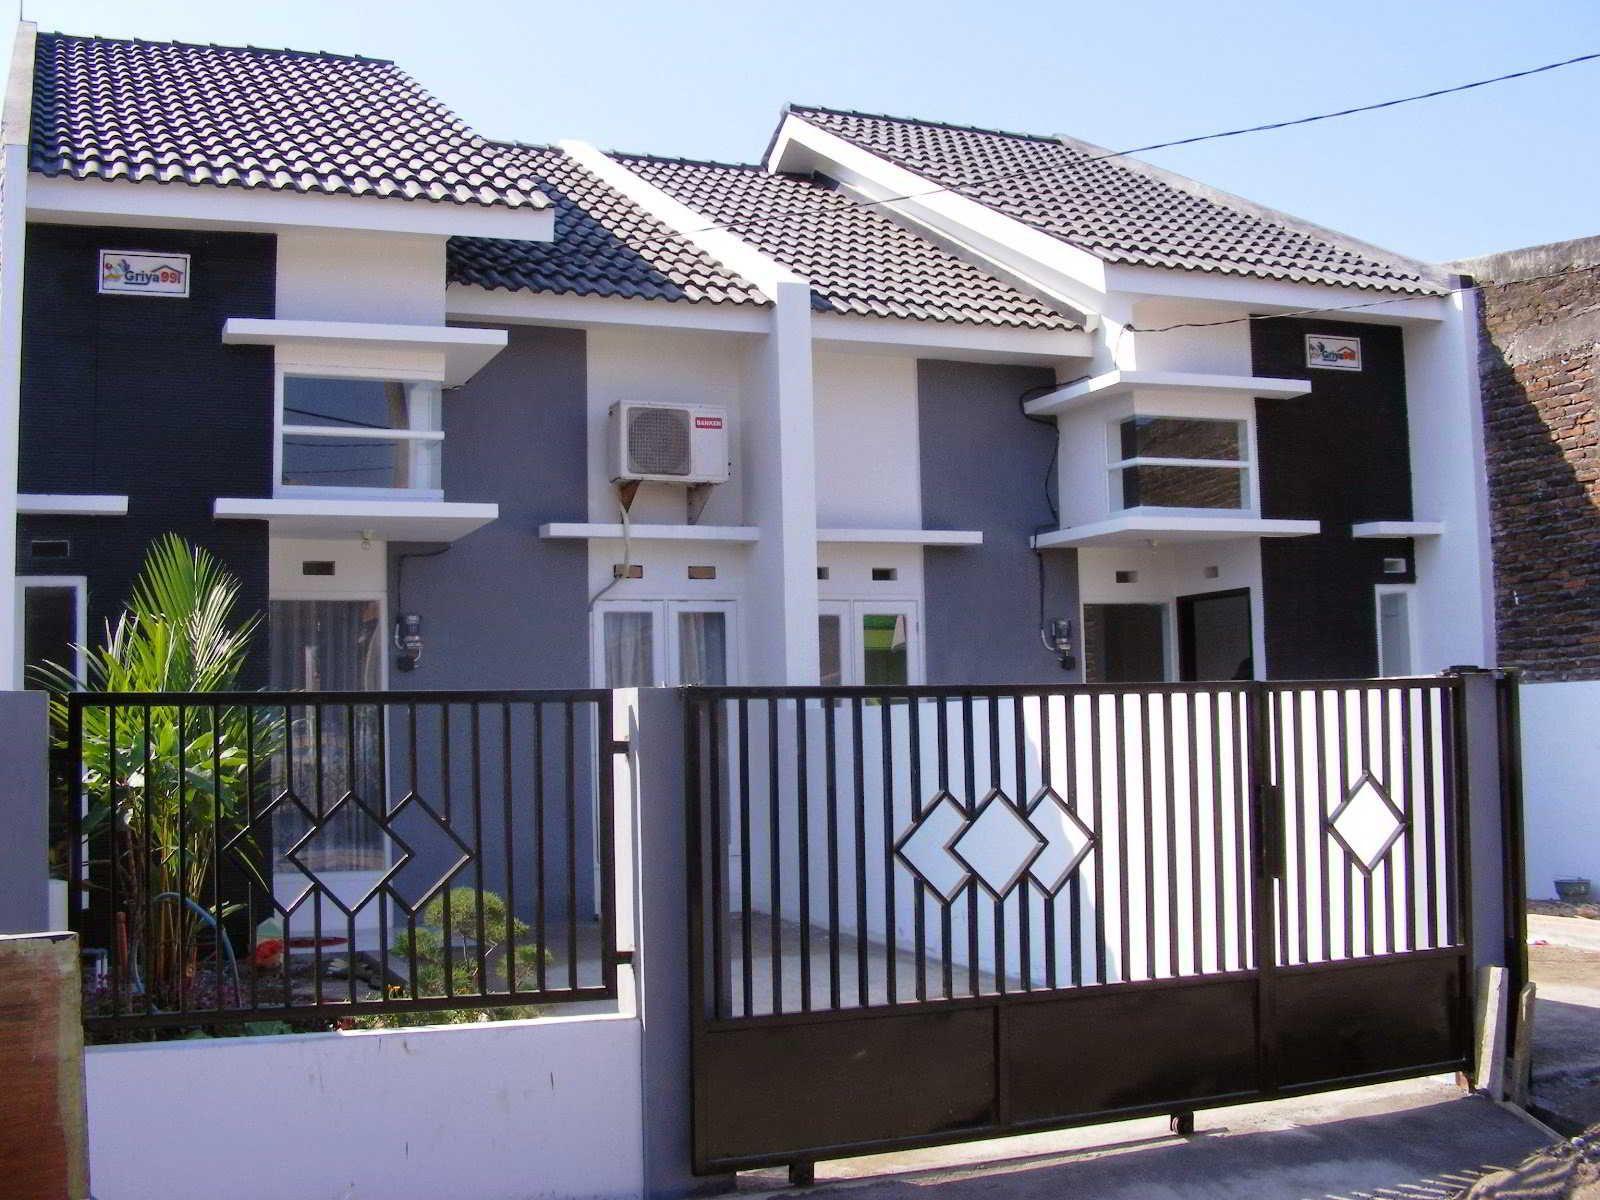 Desain Pagar Rumah Bagus Cek Bahan Bangunan